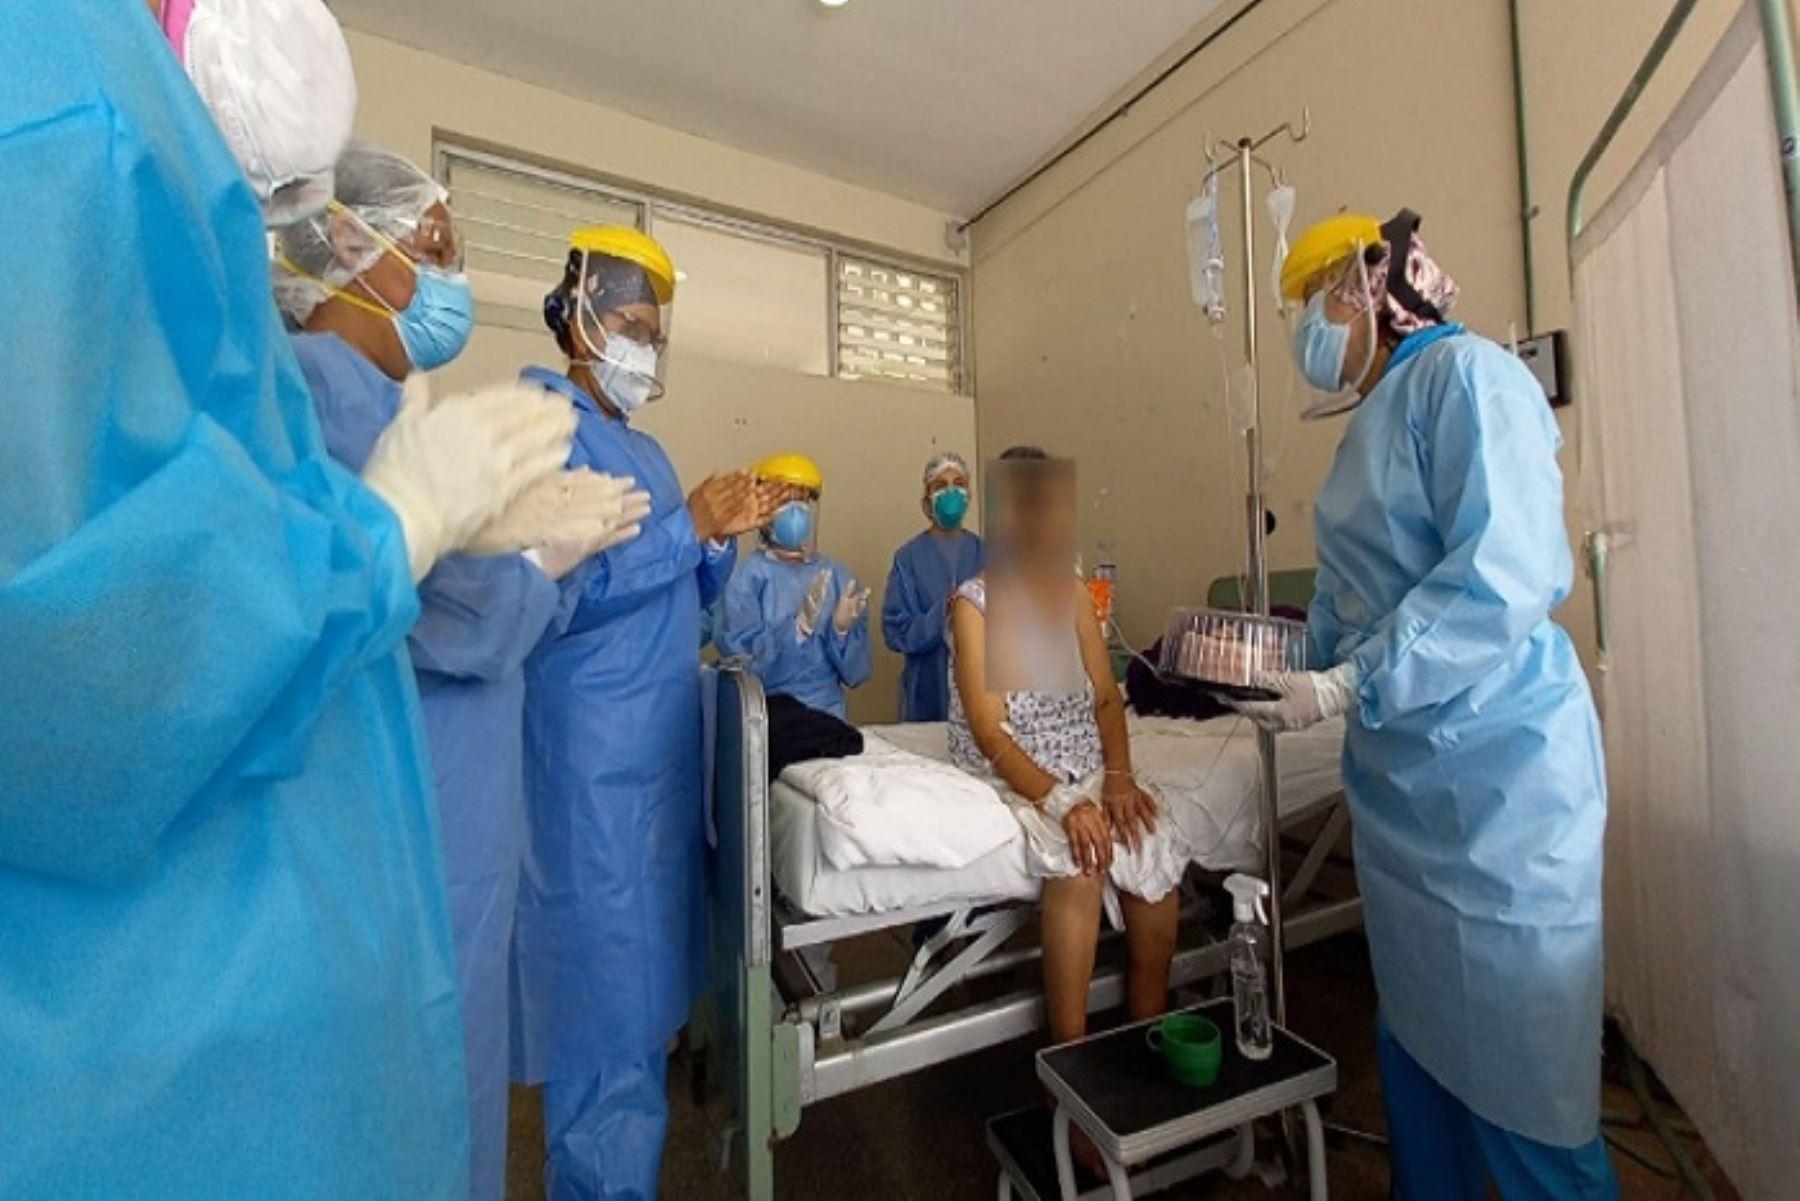 El personal de Salud también coordinó con los familiares de la anciana para que puedan saludarla a través de una videollamada.